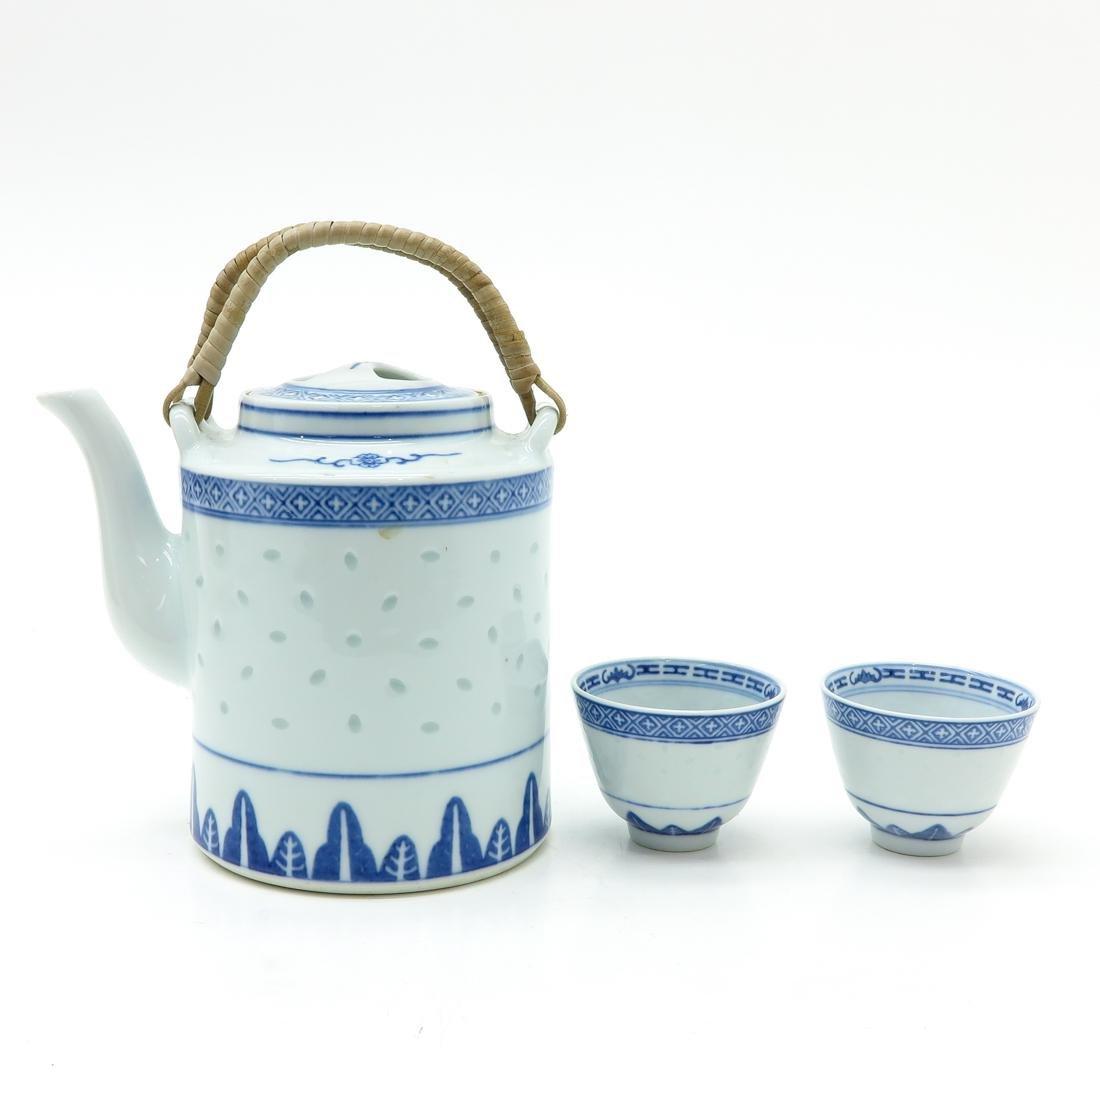 Tea Set in Wicker Basket